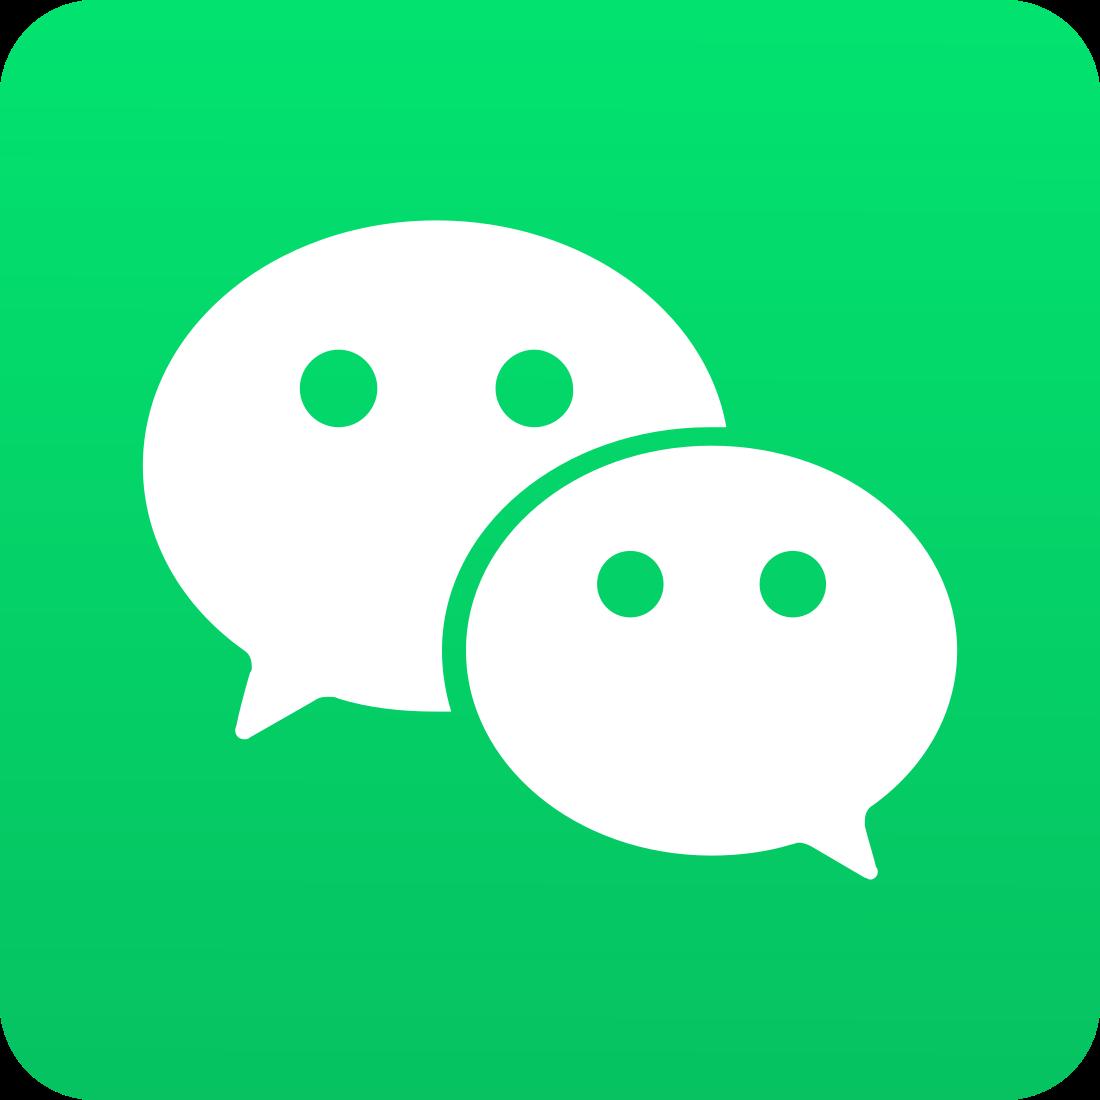 wechat logo 2 - WeChat Logo